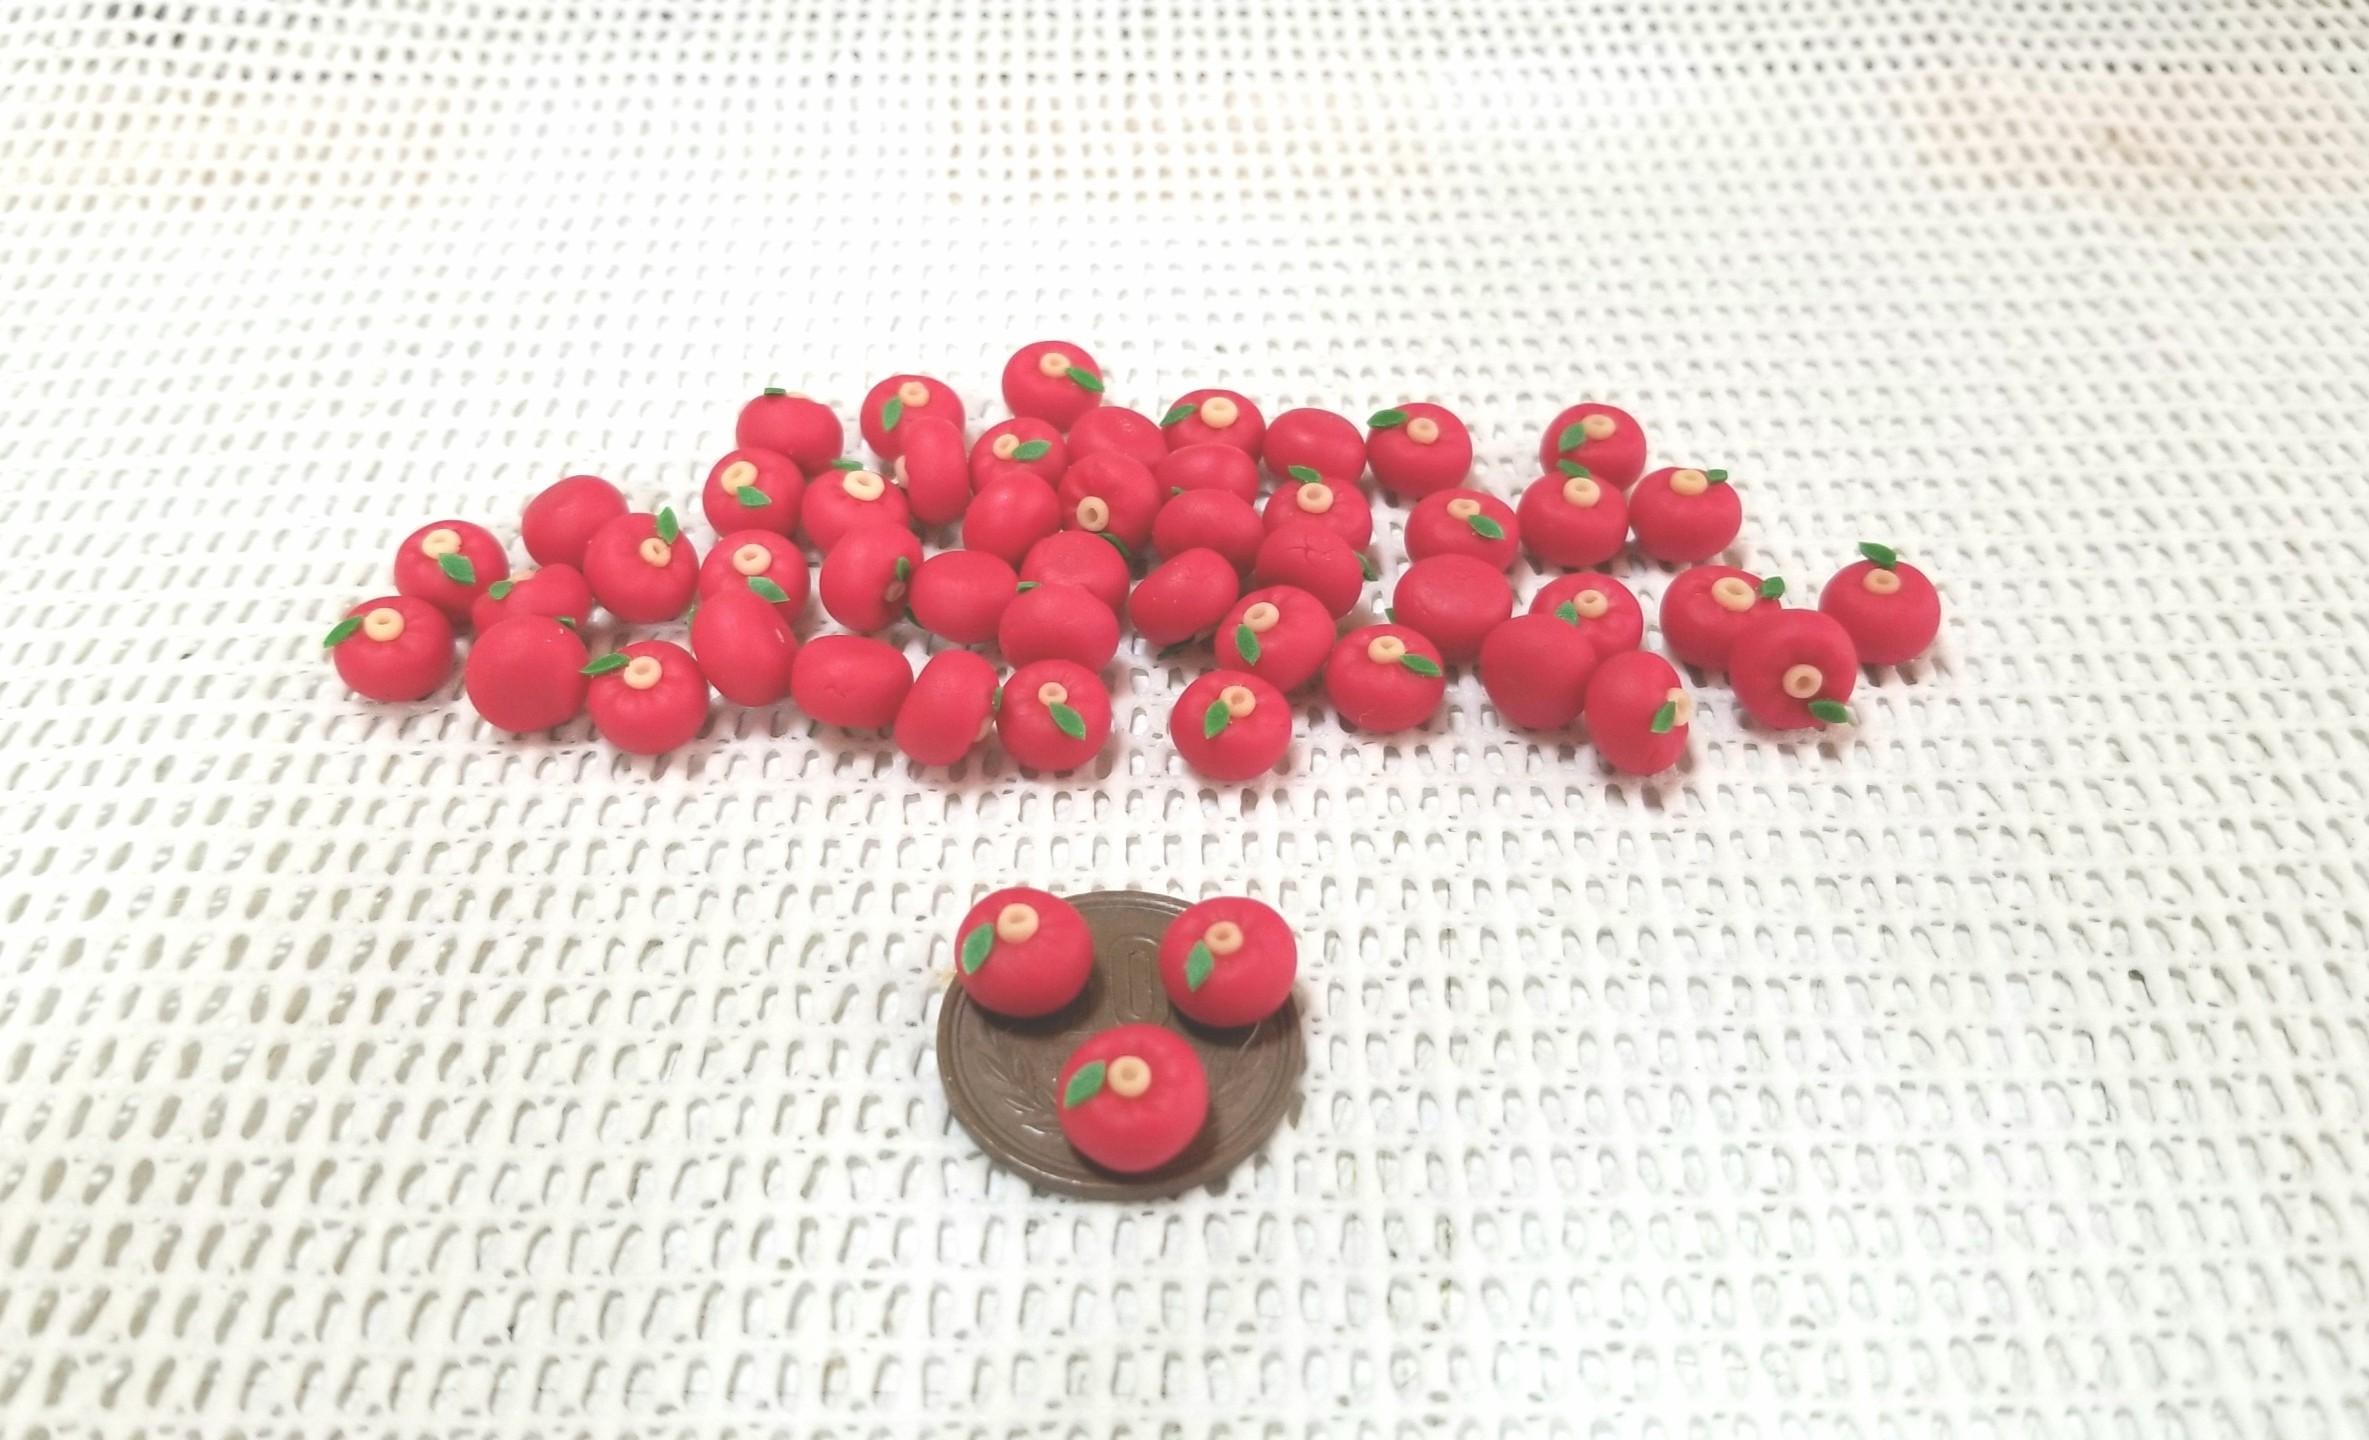 ミニチュアフード,和菓子,椿,練りきり,樹脂粘土,食品サンプル